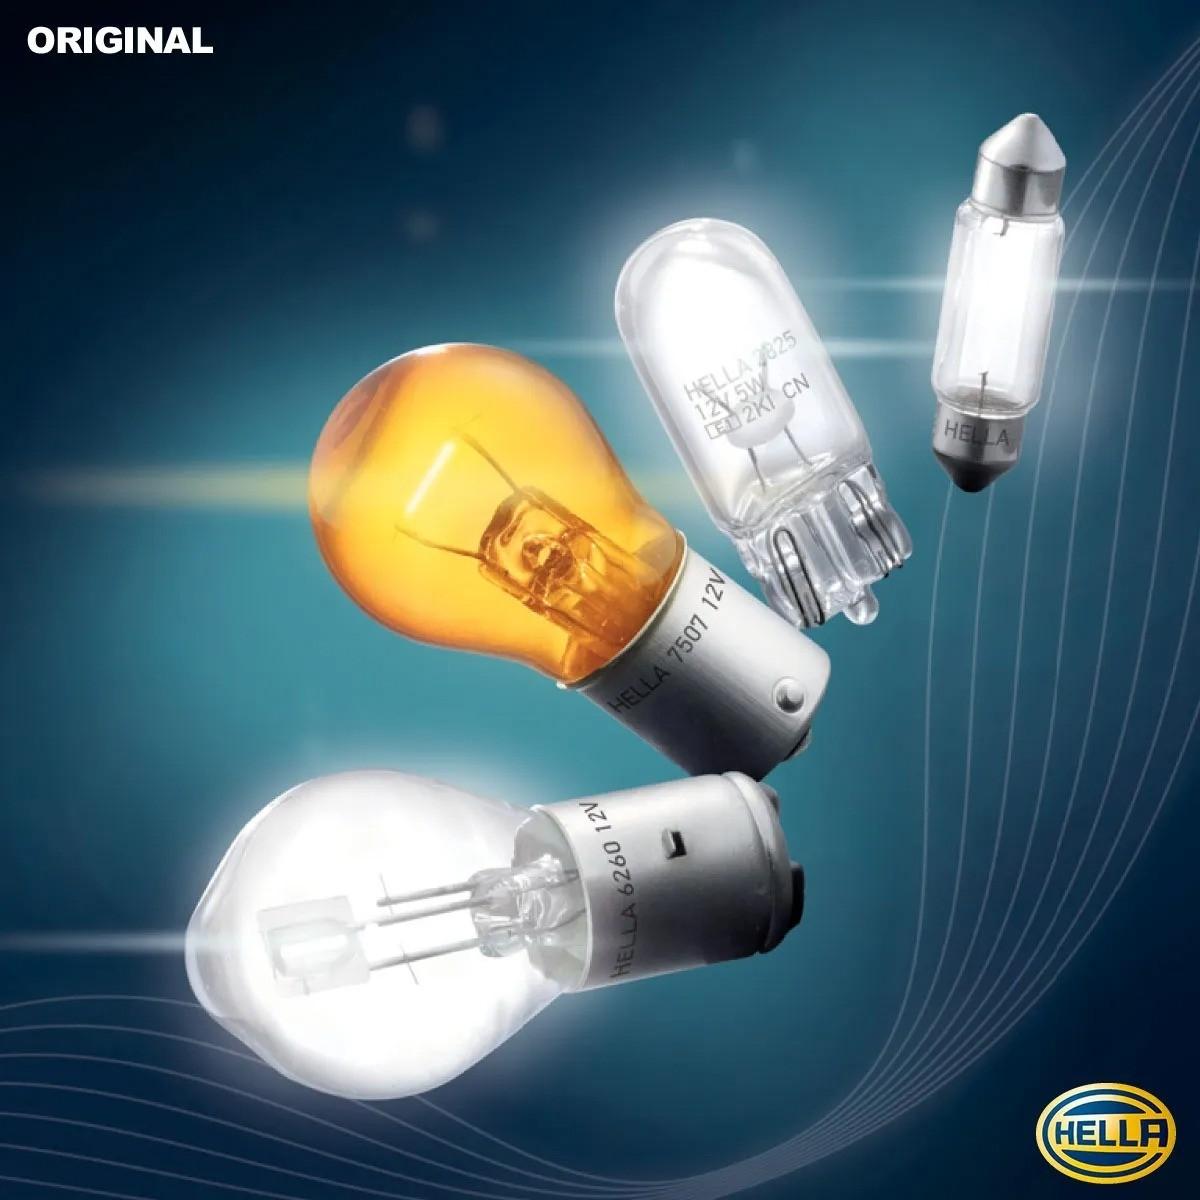 LAMPADA CONVENCIONAL 12V 65W P20D T4 FAROL HB3 UNIVERSAL HELLA